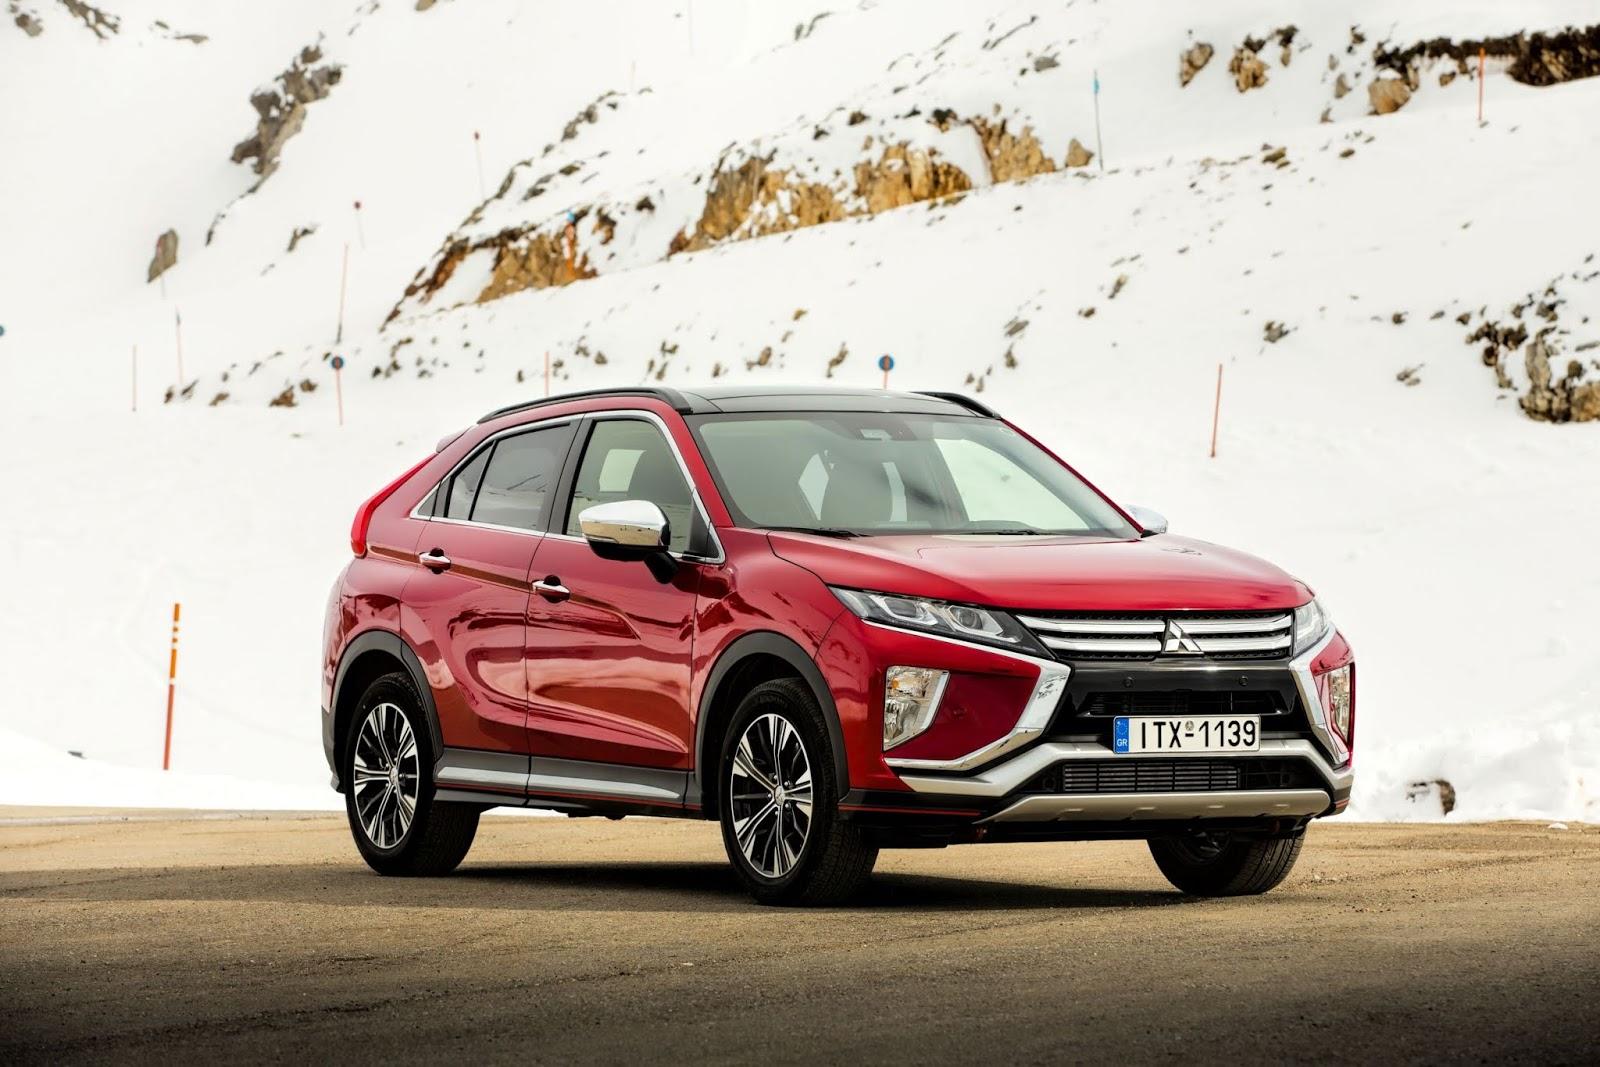 Προωθητικές ενέργειες/προσφορές για τα μοντέλα της Mitsubishi Motors κατά το μήνα Δεκέμβριο